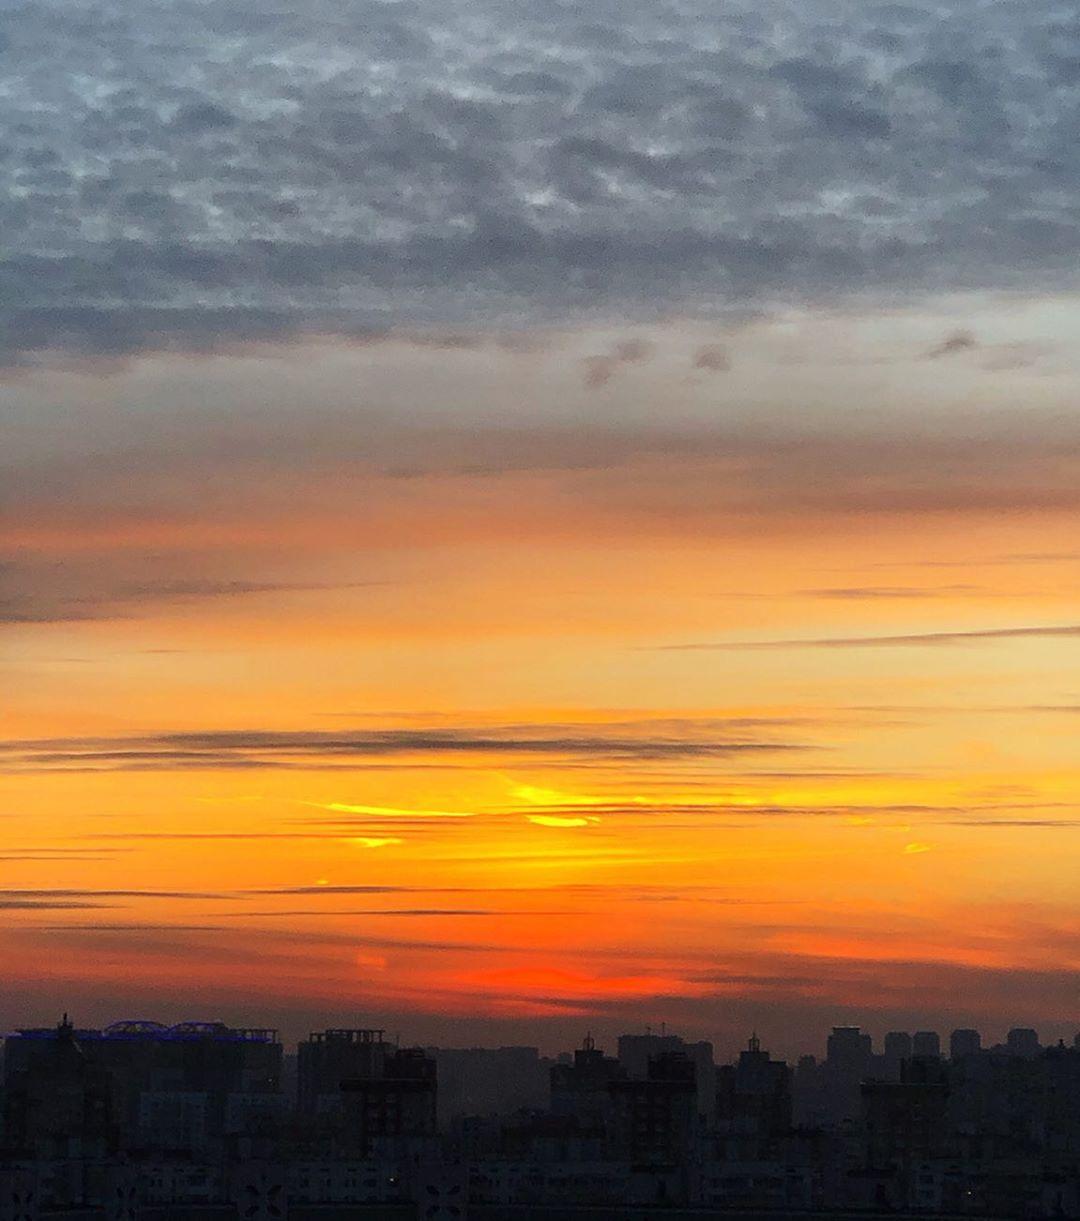 Закаты в Киеве каждый день способны удивлять. Фото - @ppodzhogg